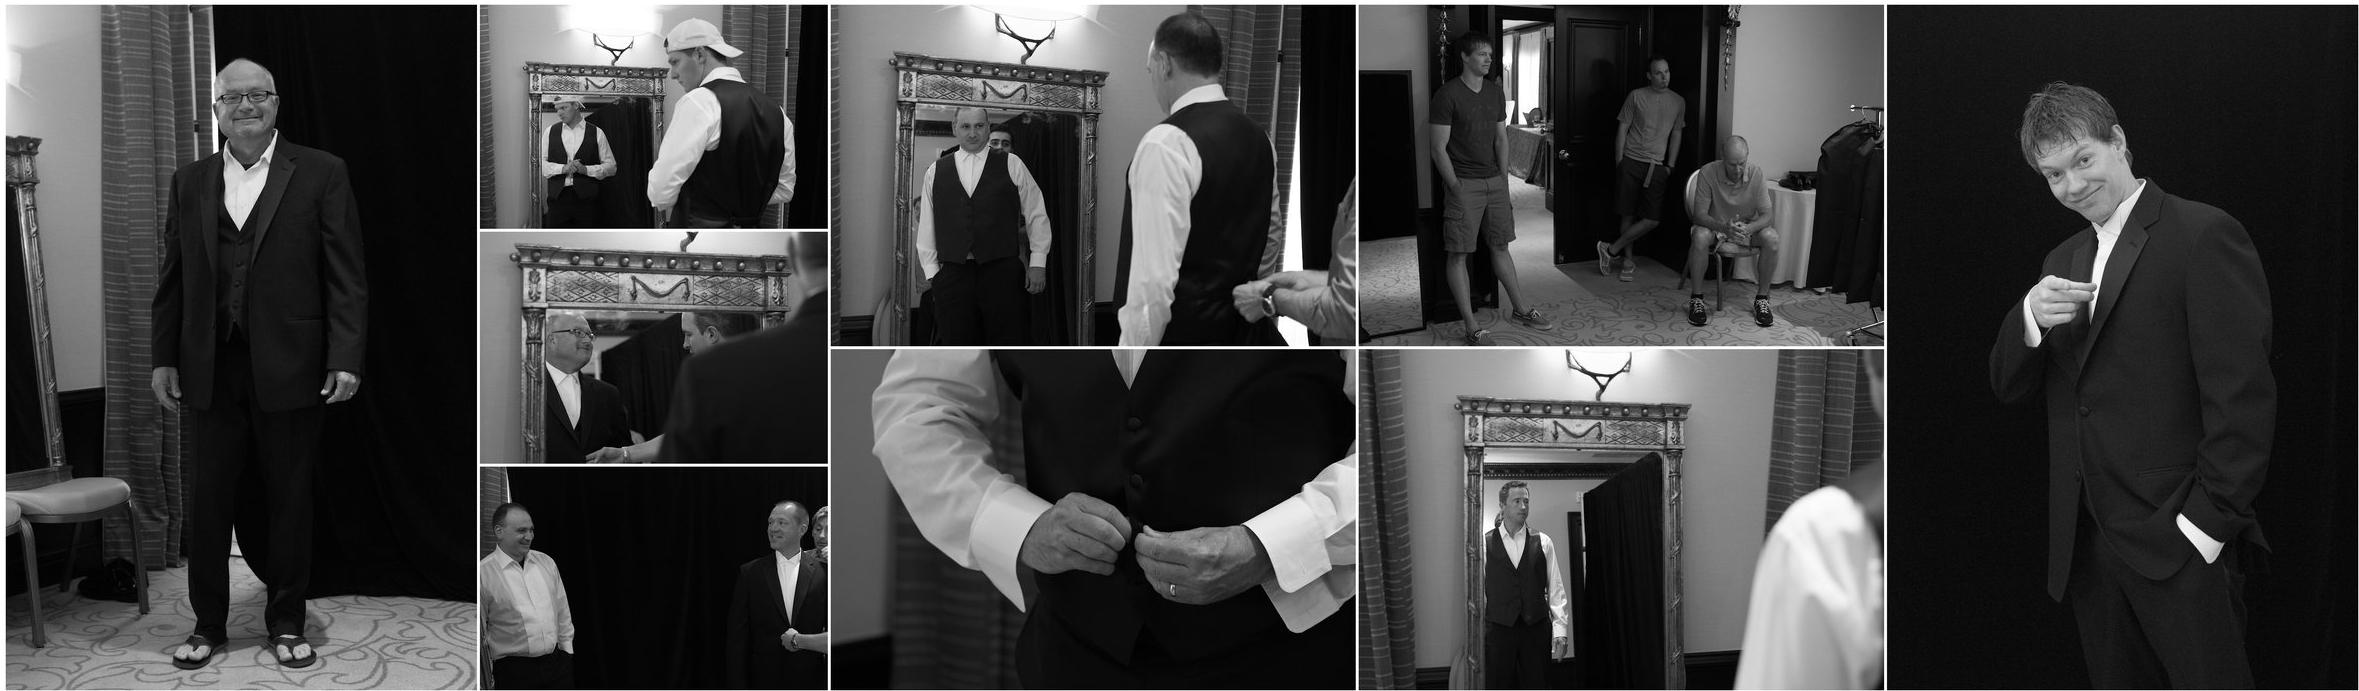 Essayage des tuxedos au Ritz-Carlton de Montréal en début de semaine